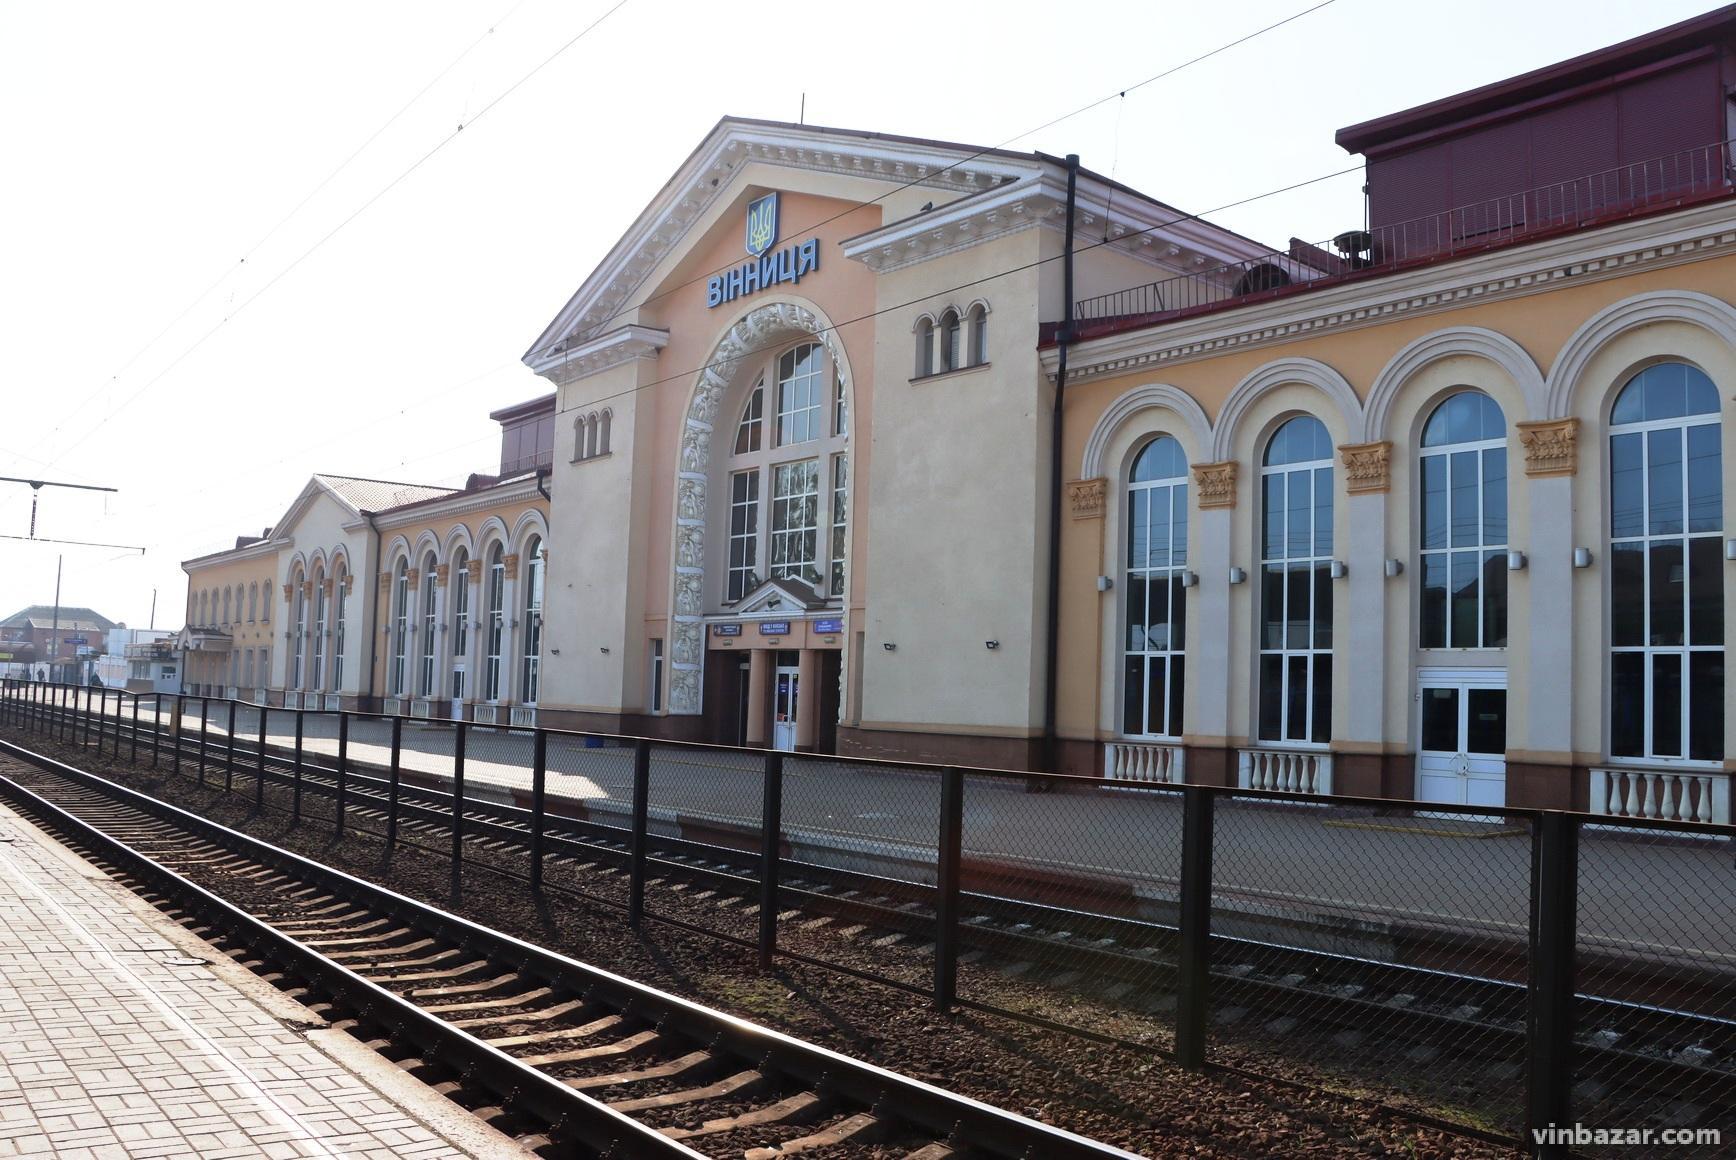 Карантин у Вінниці: вокзали закриті, ринки працюють частково, продуктів - вистачає (Фото+Відео)